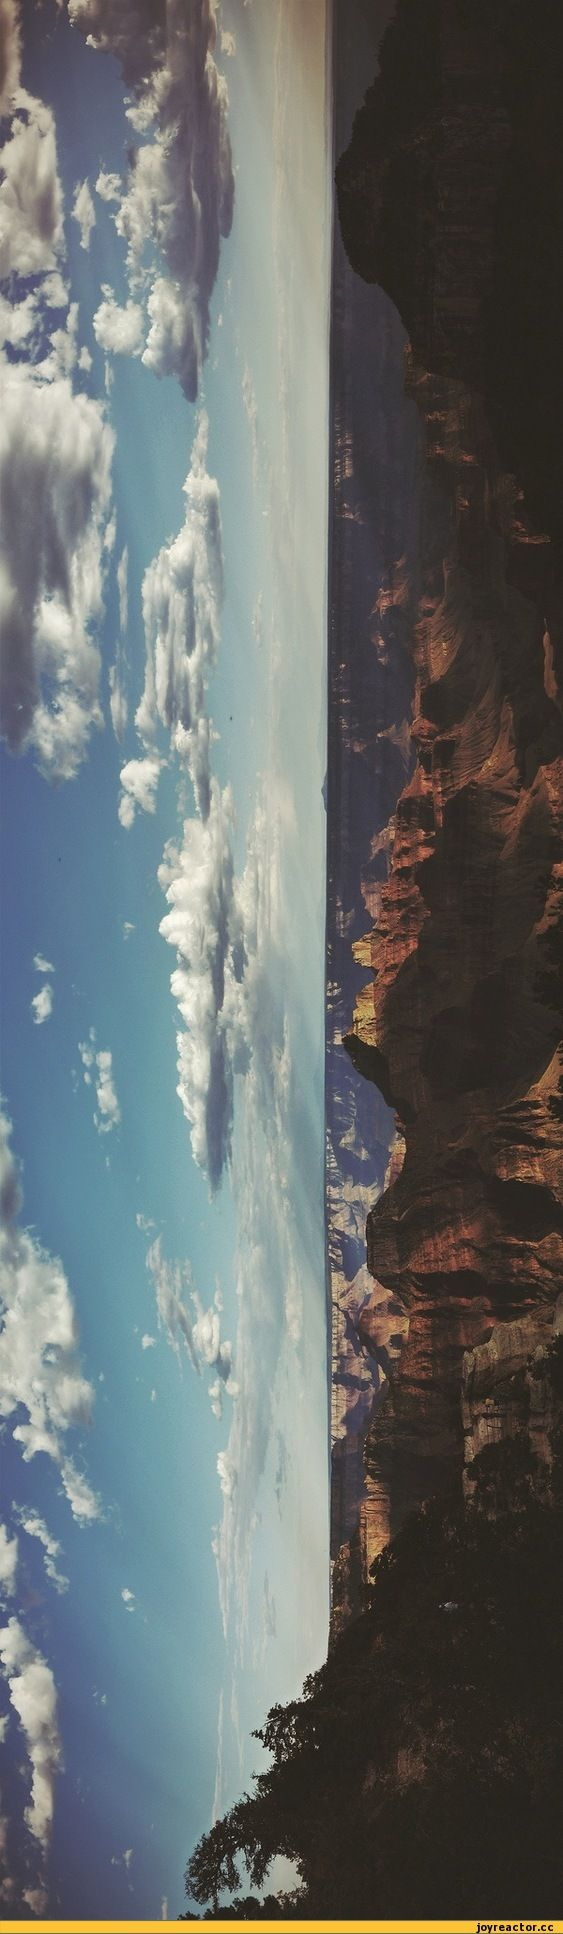 Panaroma. schönes Bild! Mir gefällt sehr, wie man sieht, wo das Sonnenlicht auf den Felsen trifft, was auch Schatten verursacht. Hauptsächlich die Bildmitte …